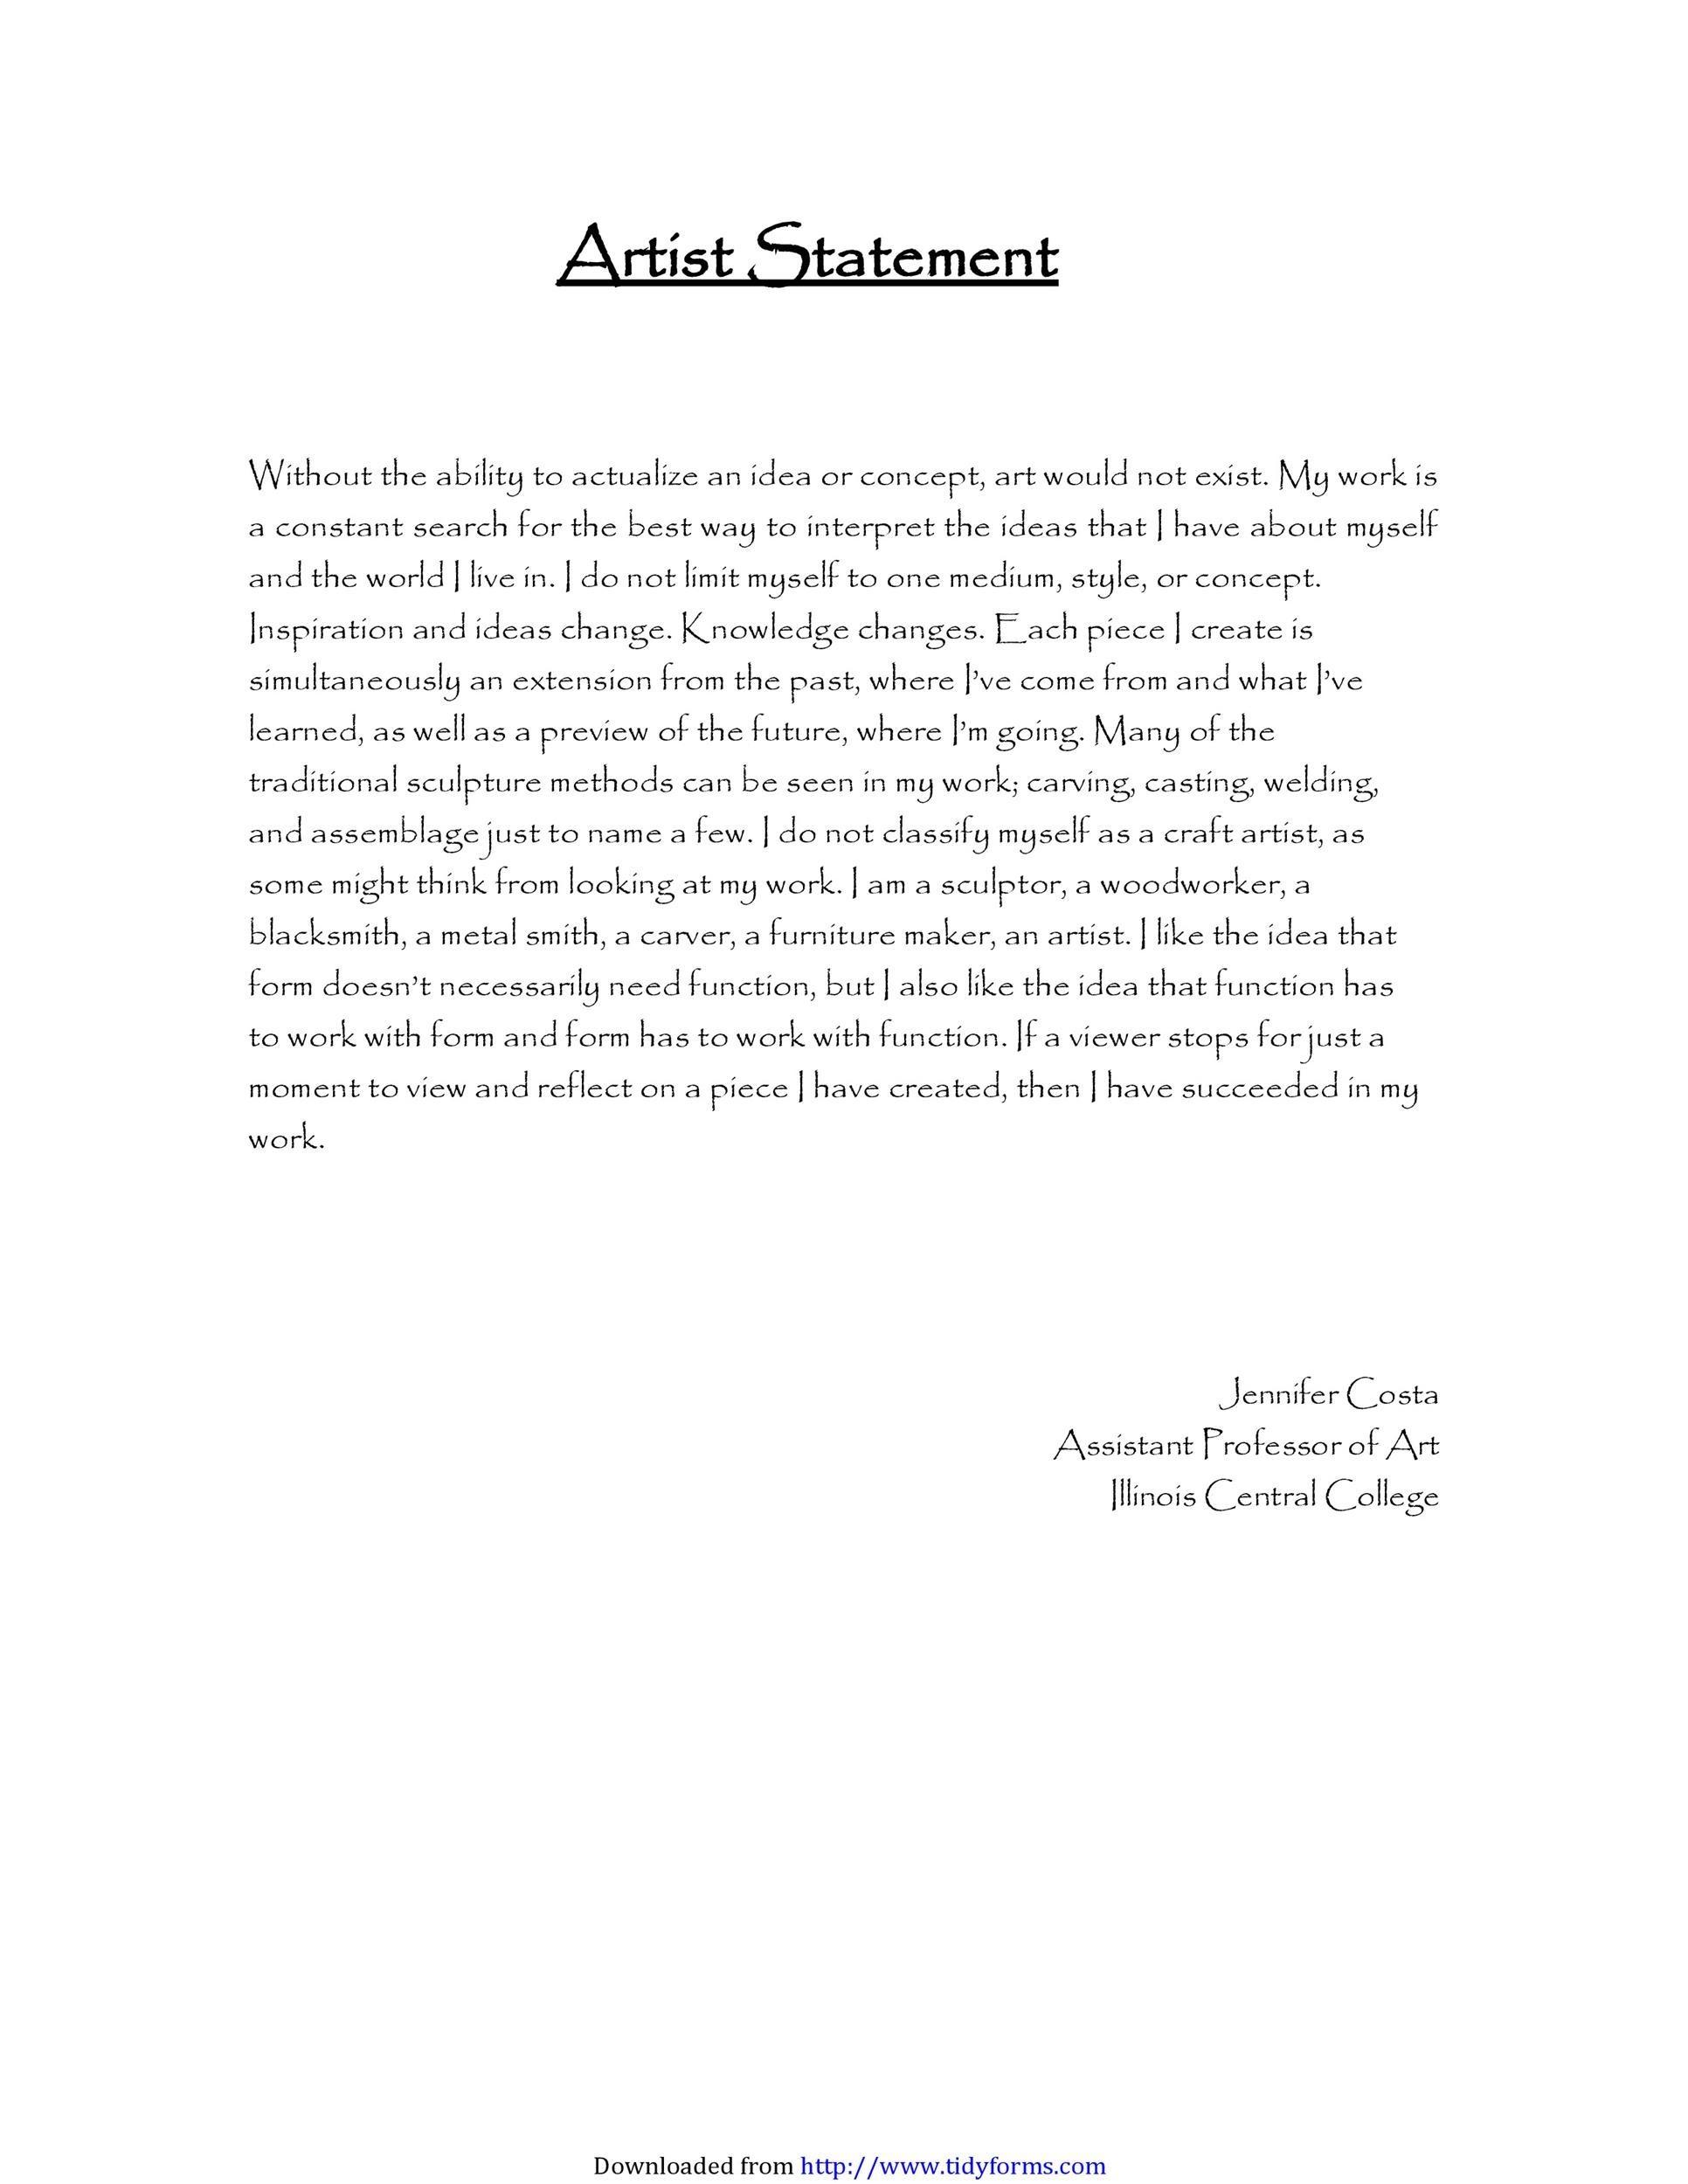 Free artist statement 10